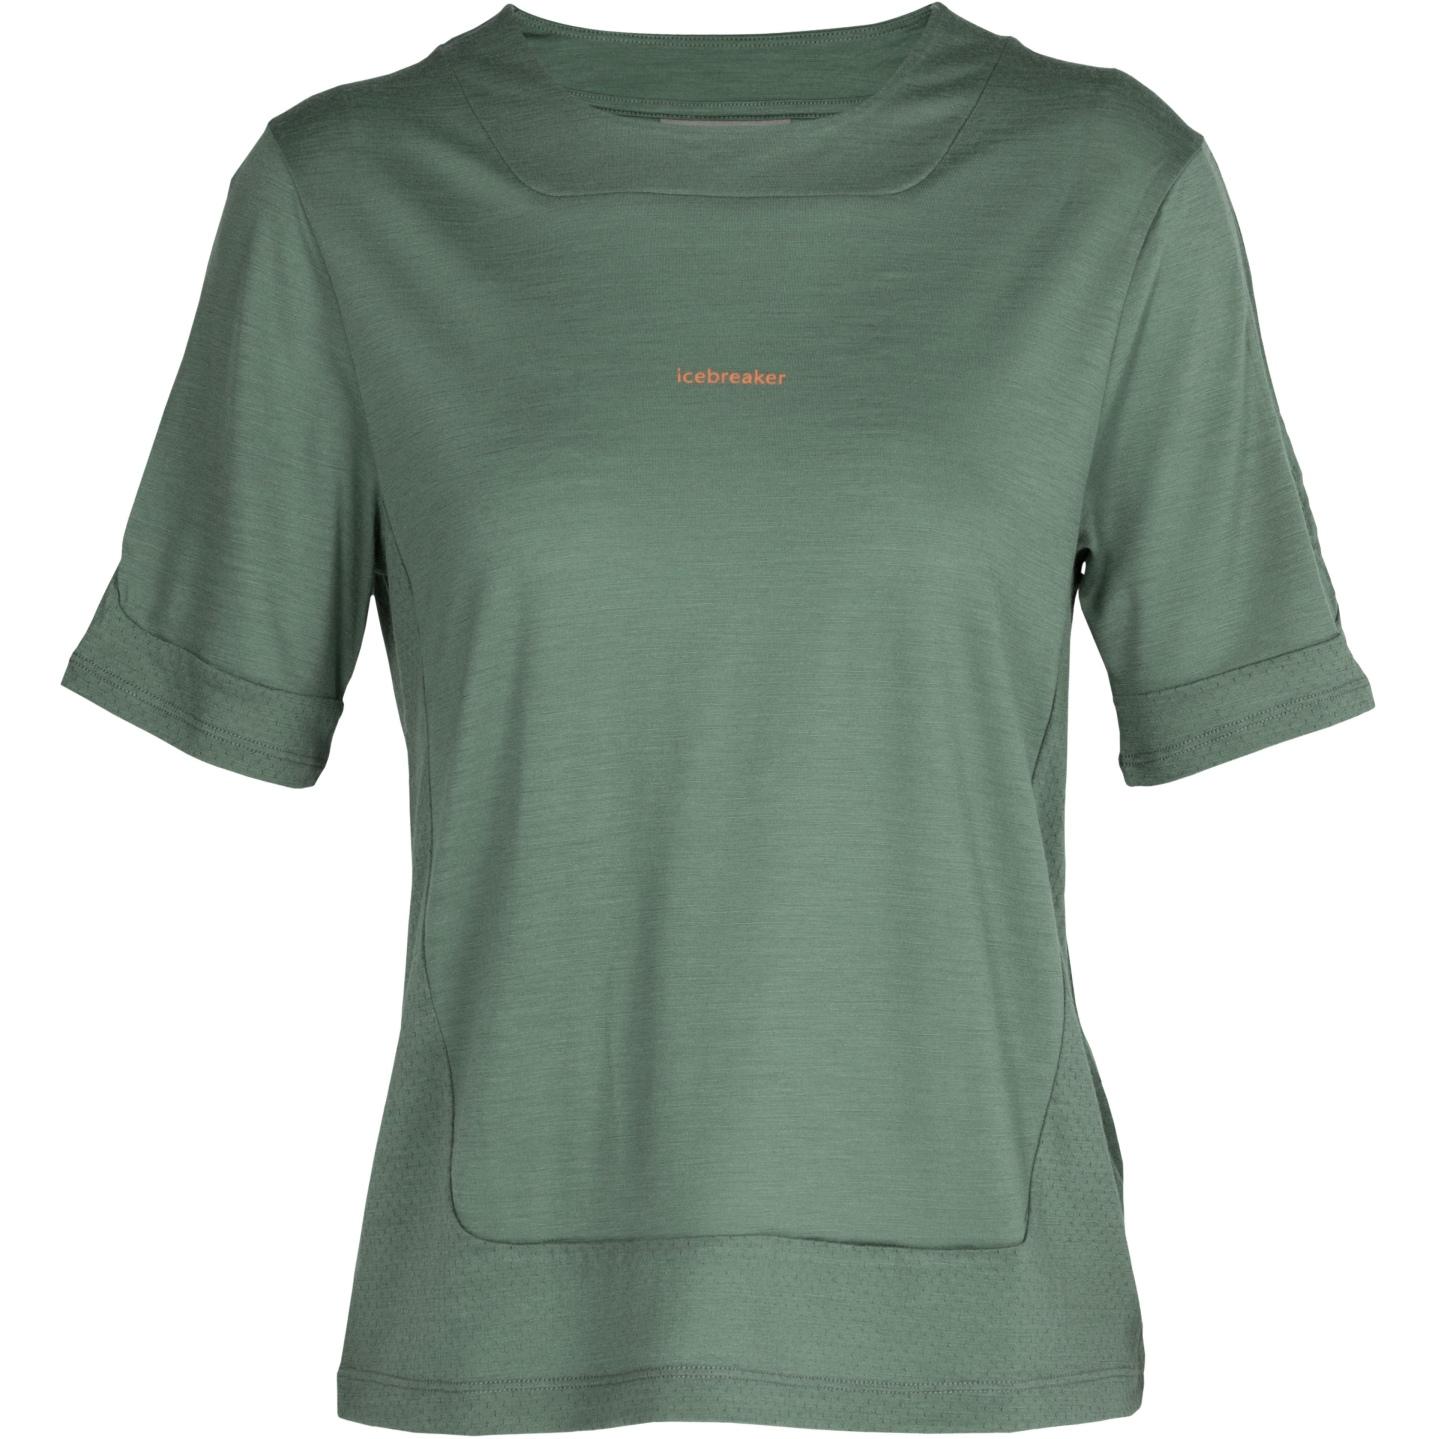 Produktbild von Icebreaker ZoneKnit™ Damen T-Shirt - Sage